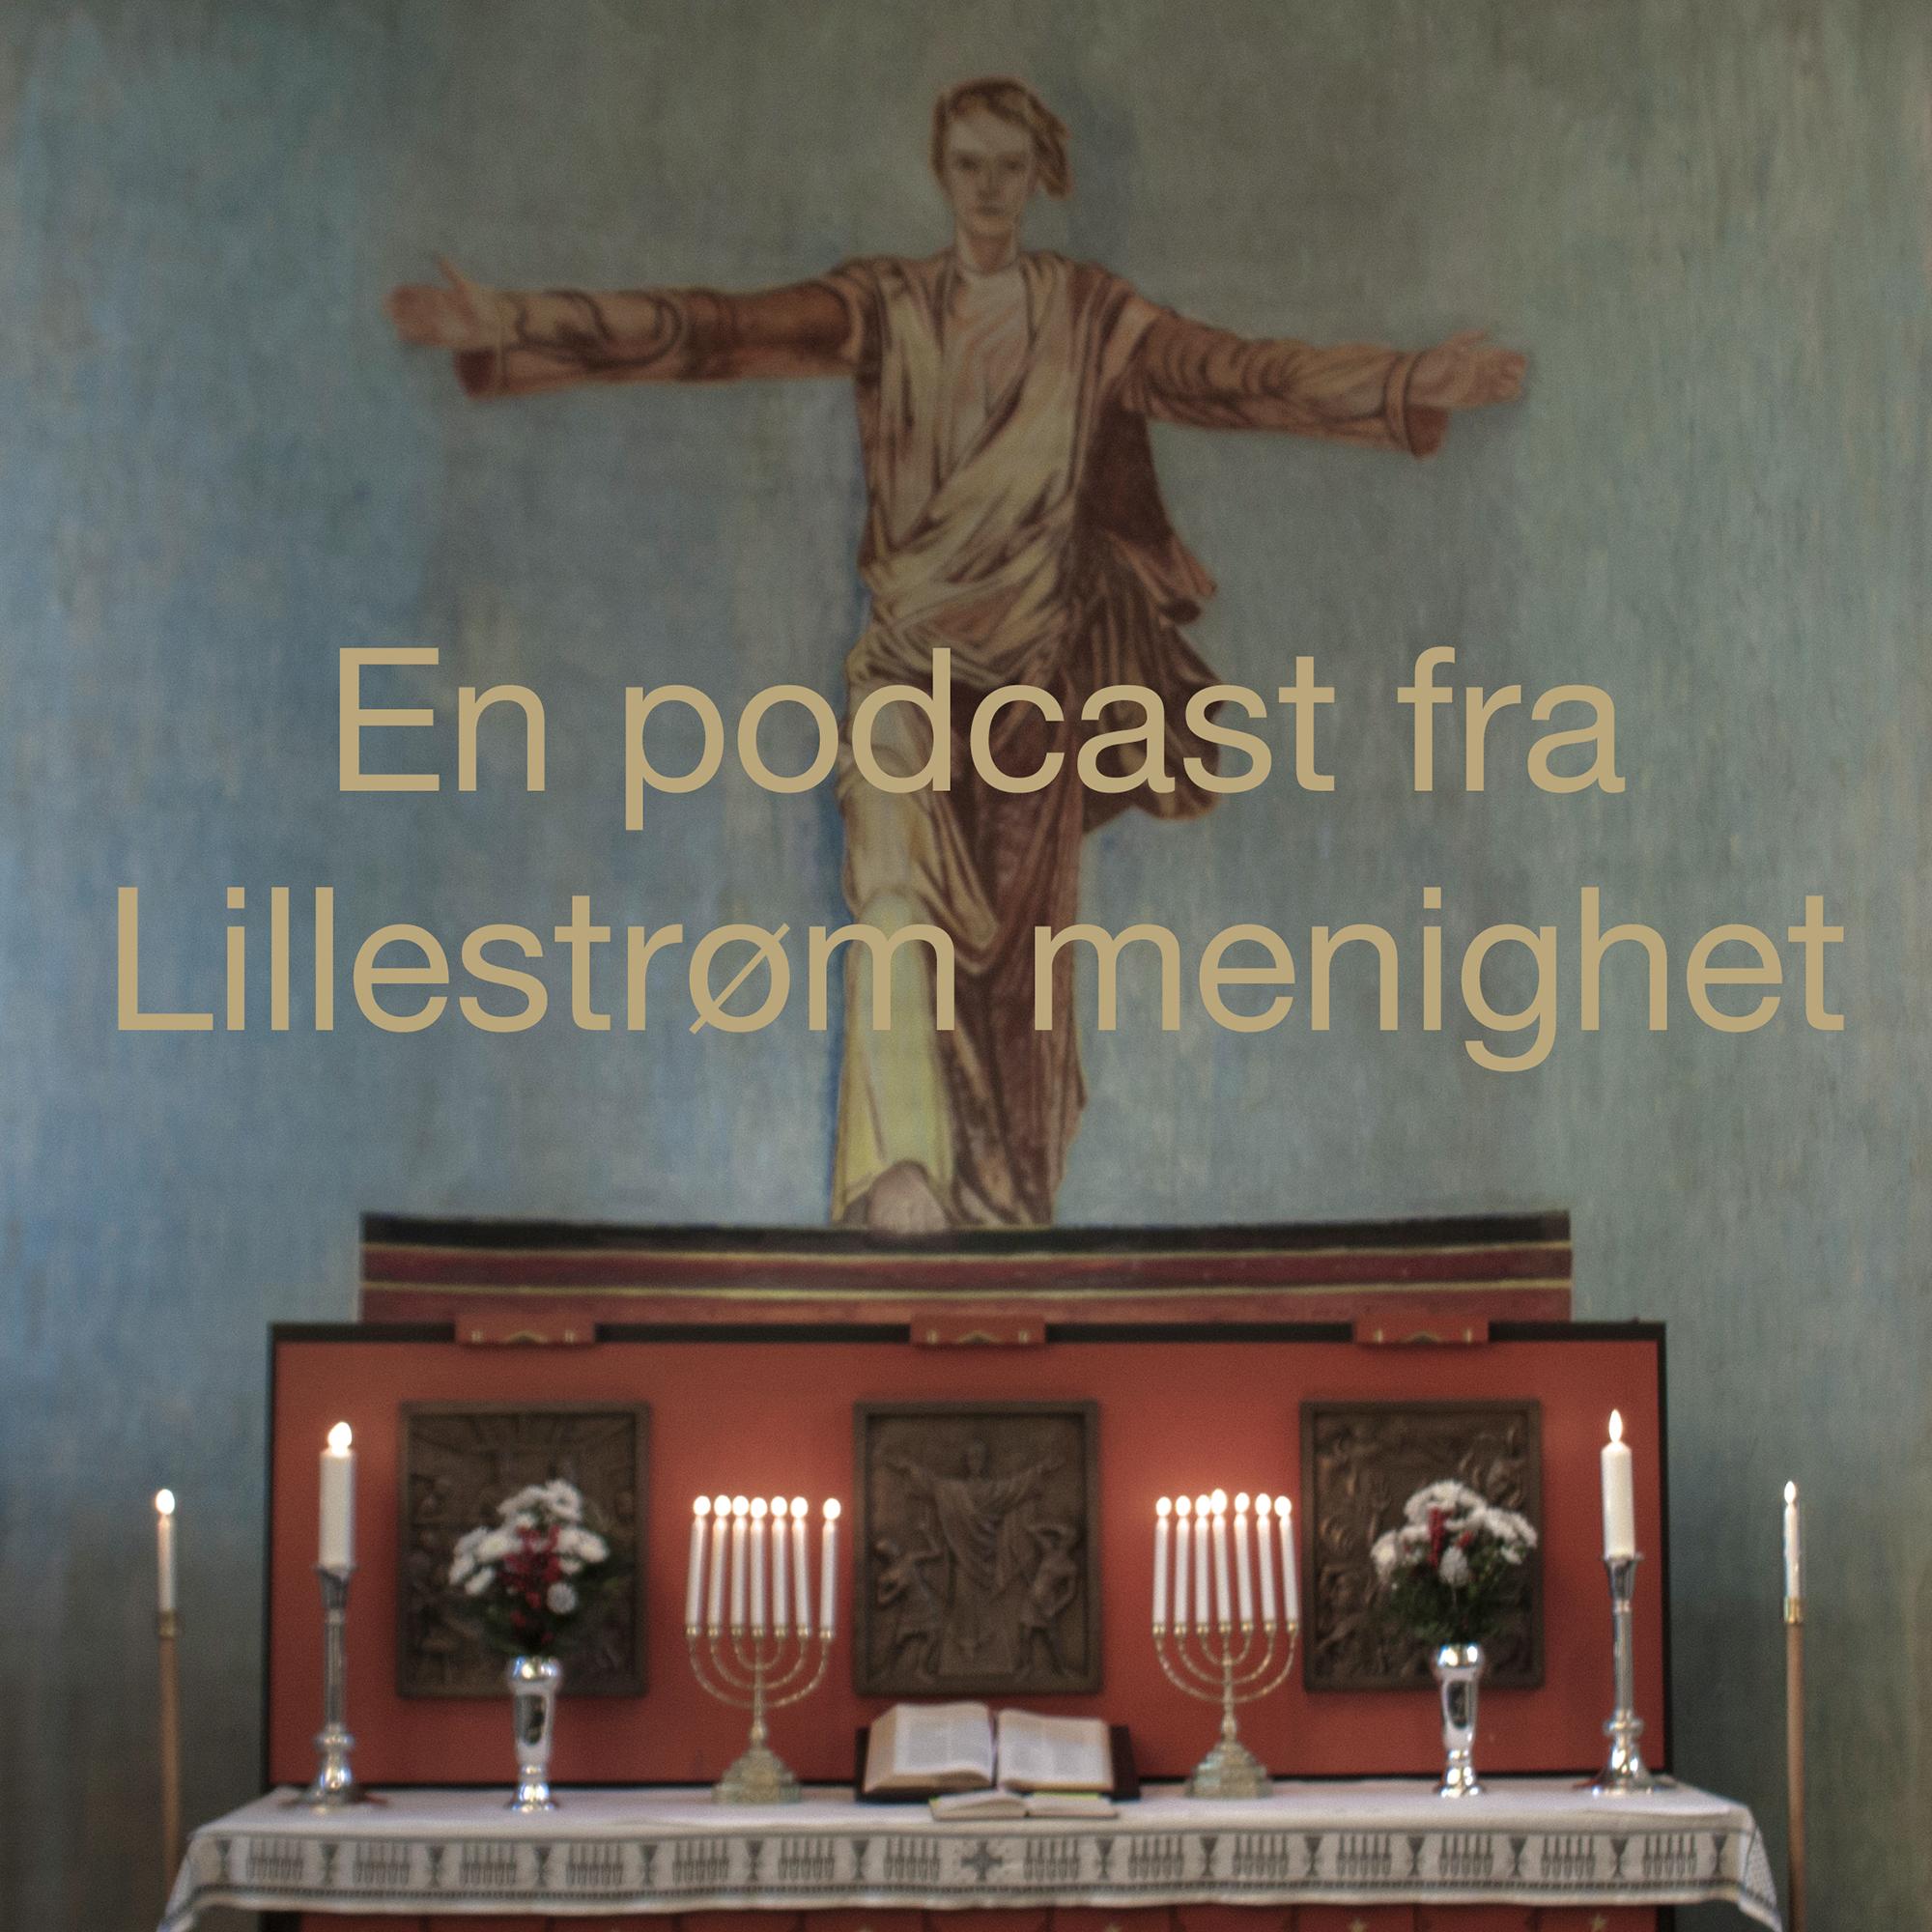 Lillestrøm menighet's podcast show image